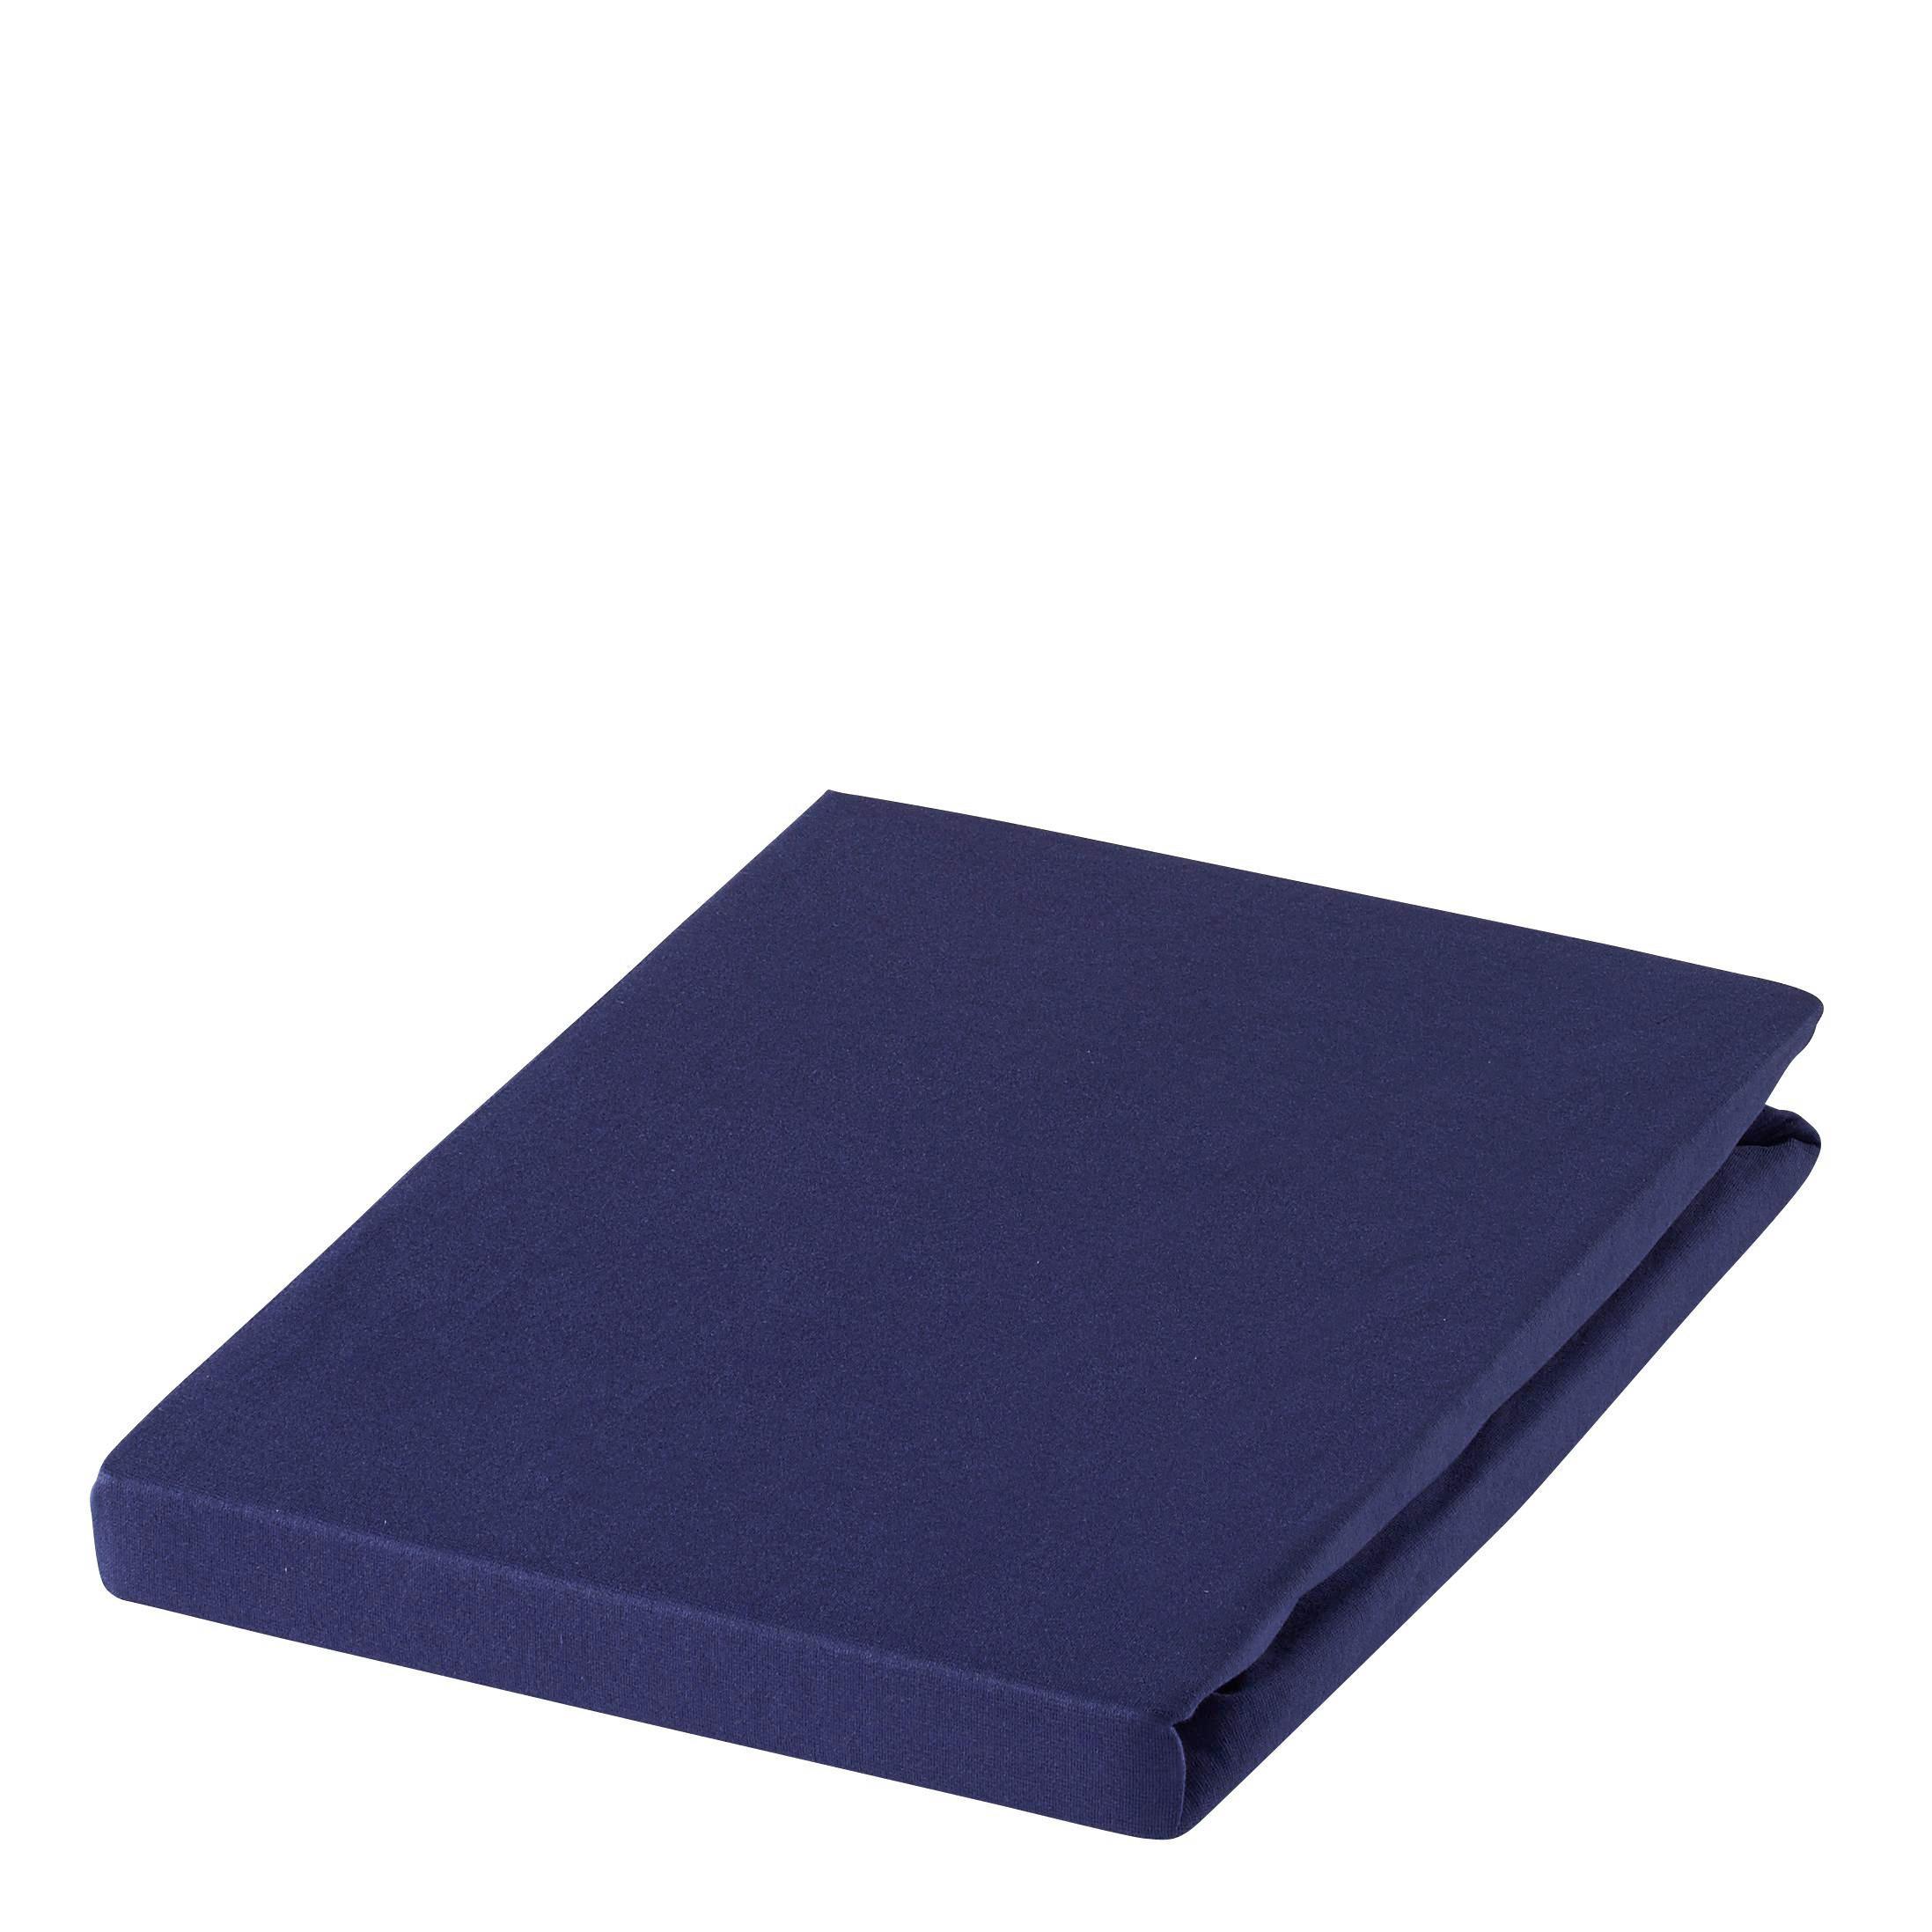 SPANNBETTTUCH Zwirn-Jersey Dunkelblau bügelfrei, für Wasserbetten geeignet - Dunkelblau, Basics, Textil (150/200cm) - ESTELLA